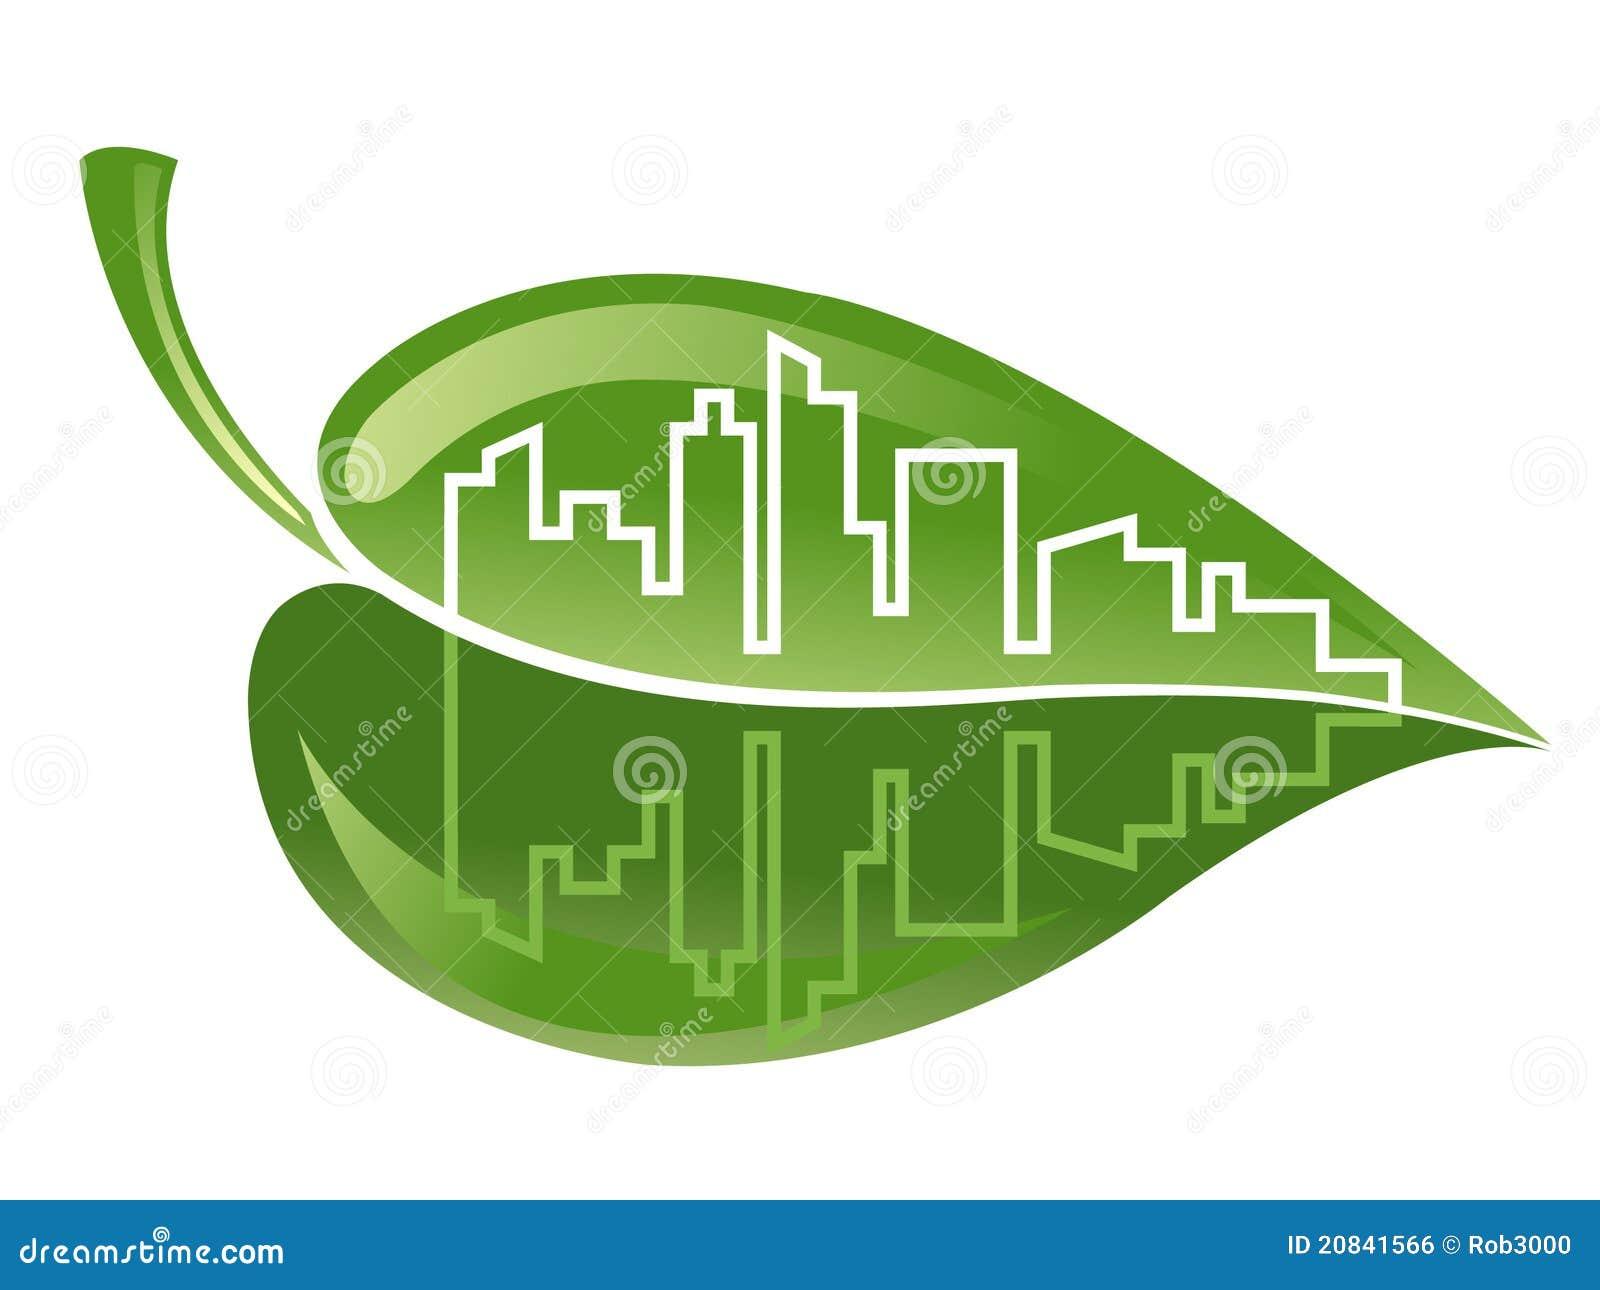 Imagenes De Edificios En Caricatura: Edificio Verde Ilustración Del Vector. Ilustración De